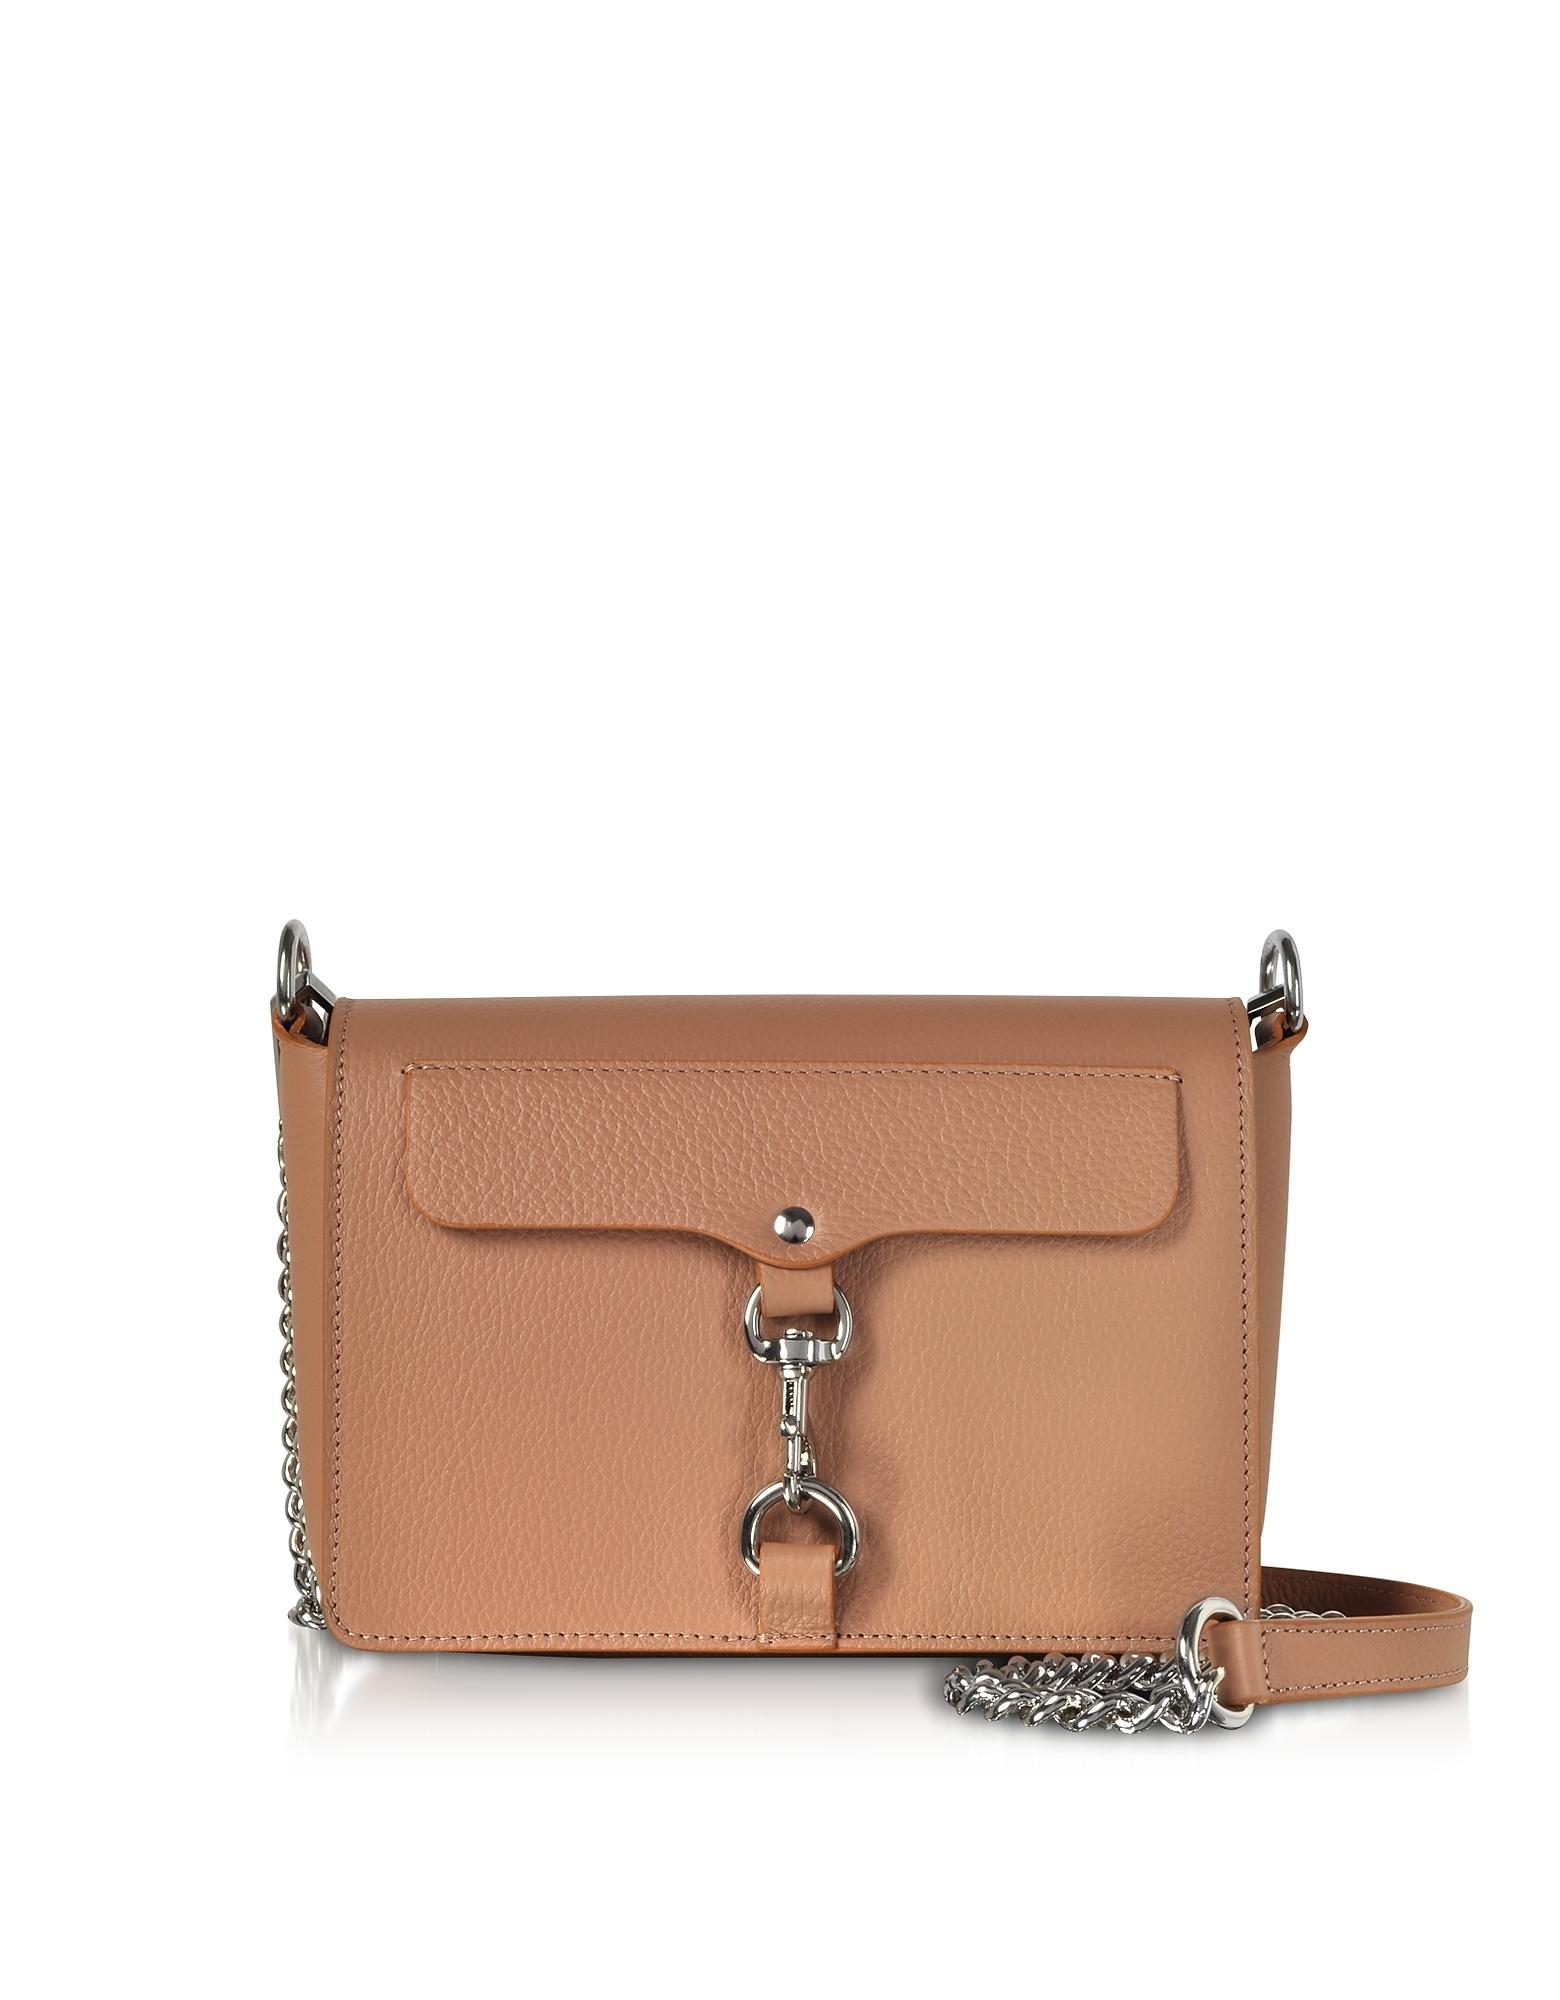 Rebecca Minkoff Designer Handbags, M.A.B. Flap Crossbody Bag